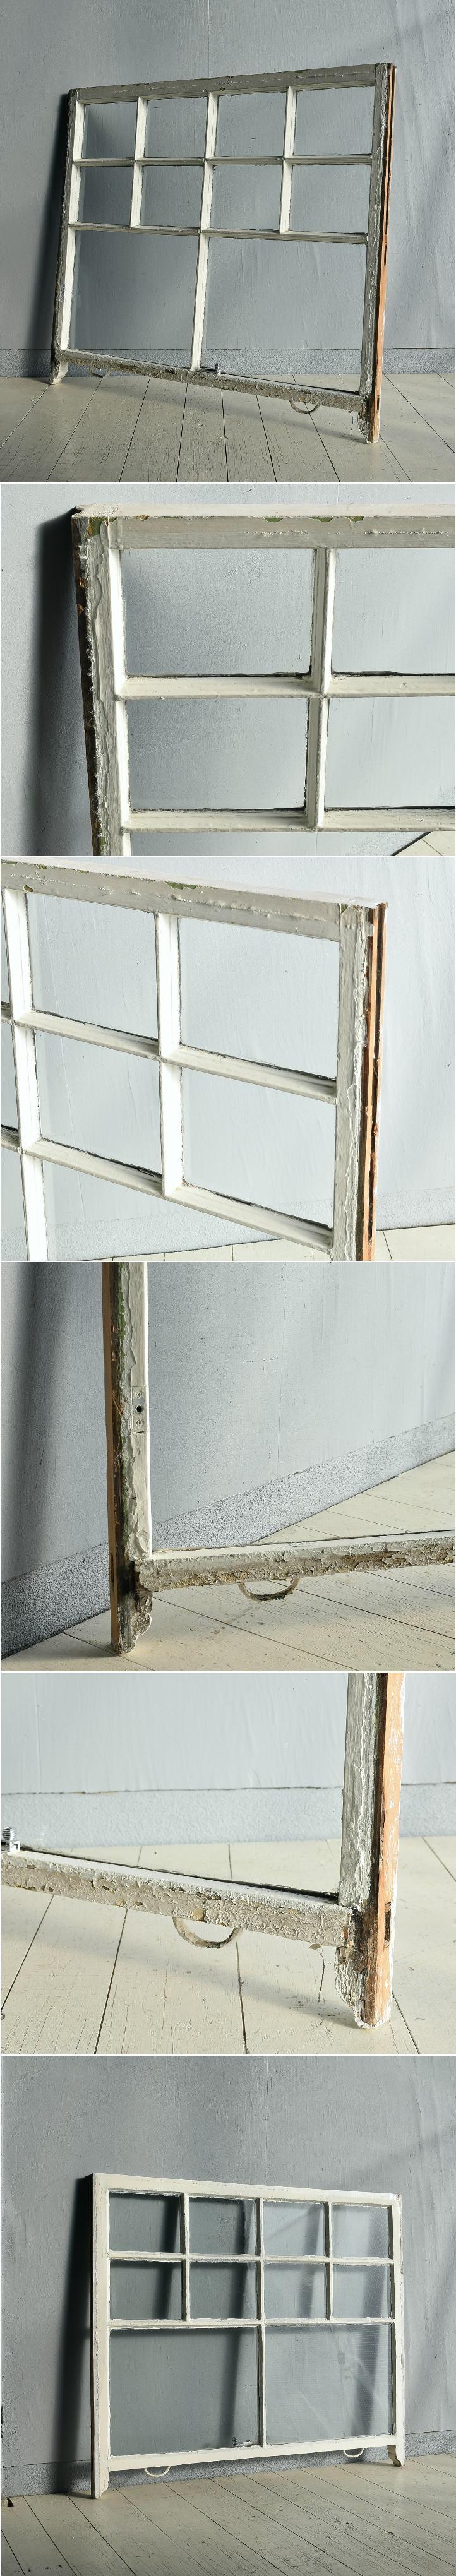 イギリス アンティーク 窓 無色透明 7723C